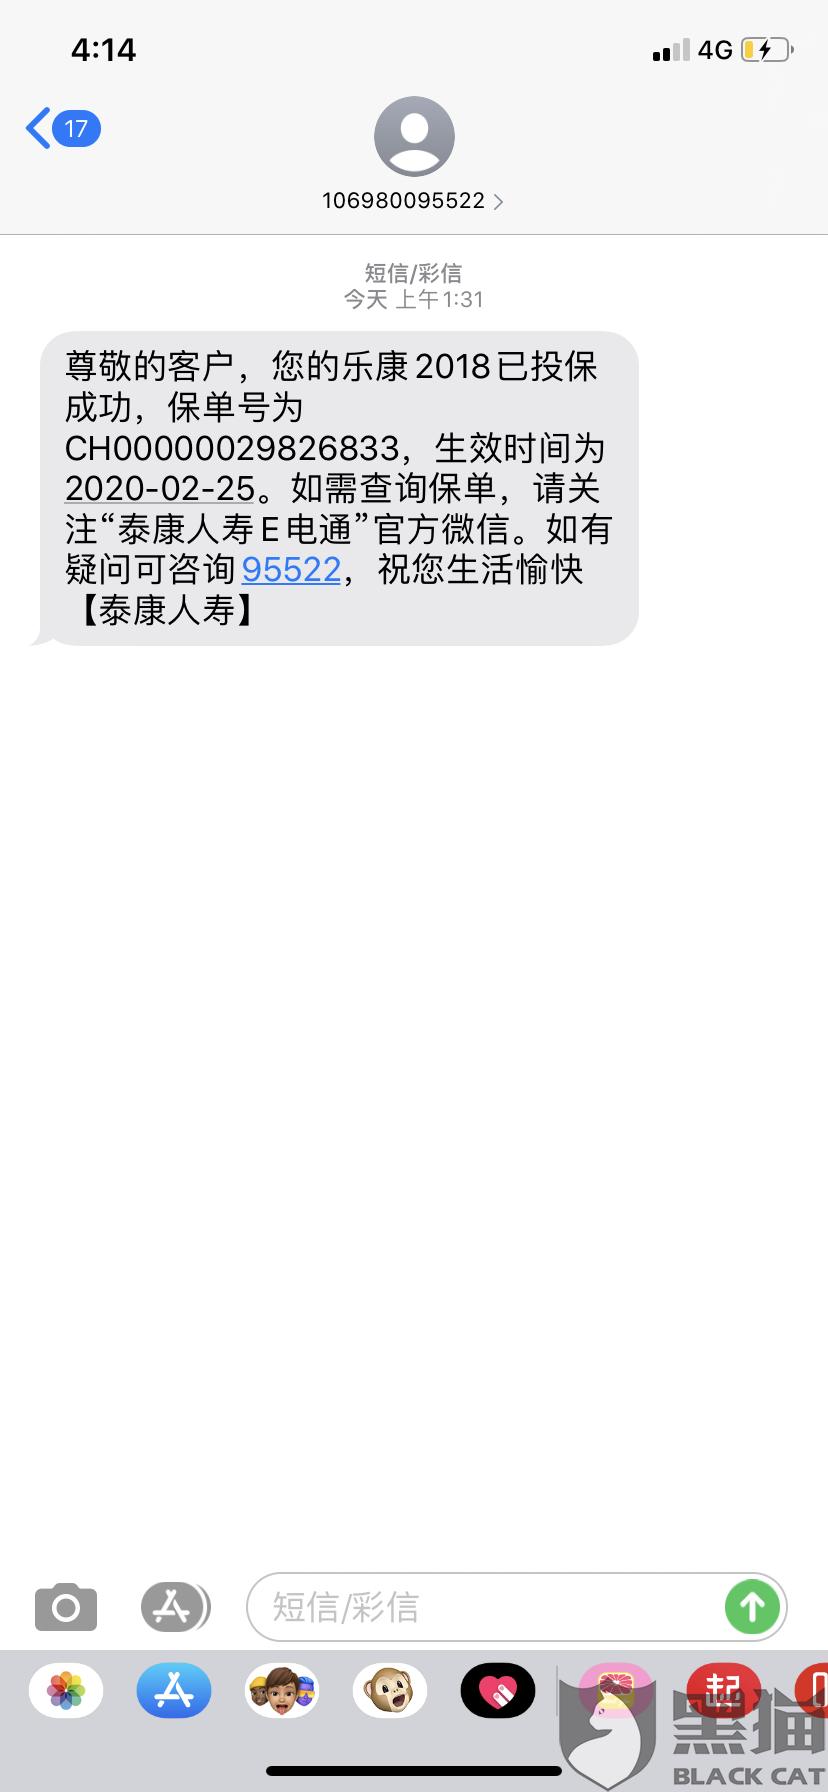 黑猫投诉:2月24号凌晨收到泰康人寿保险投保成功